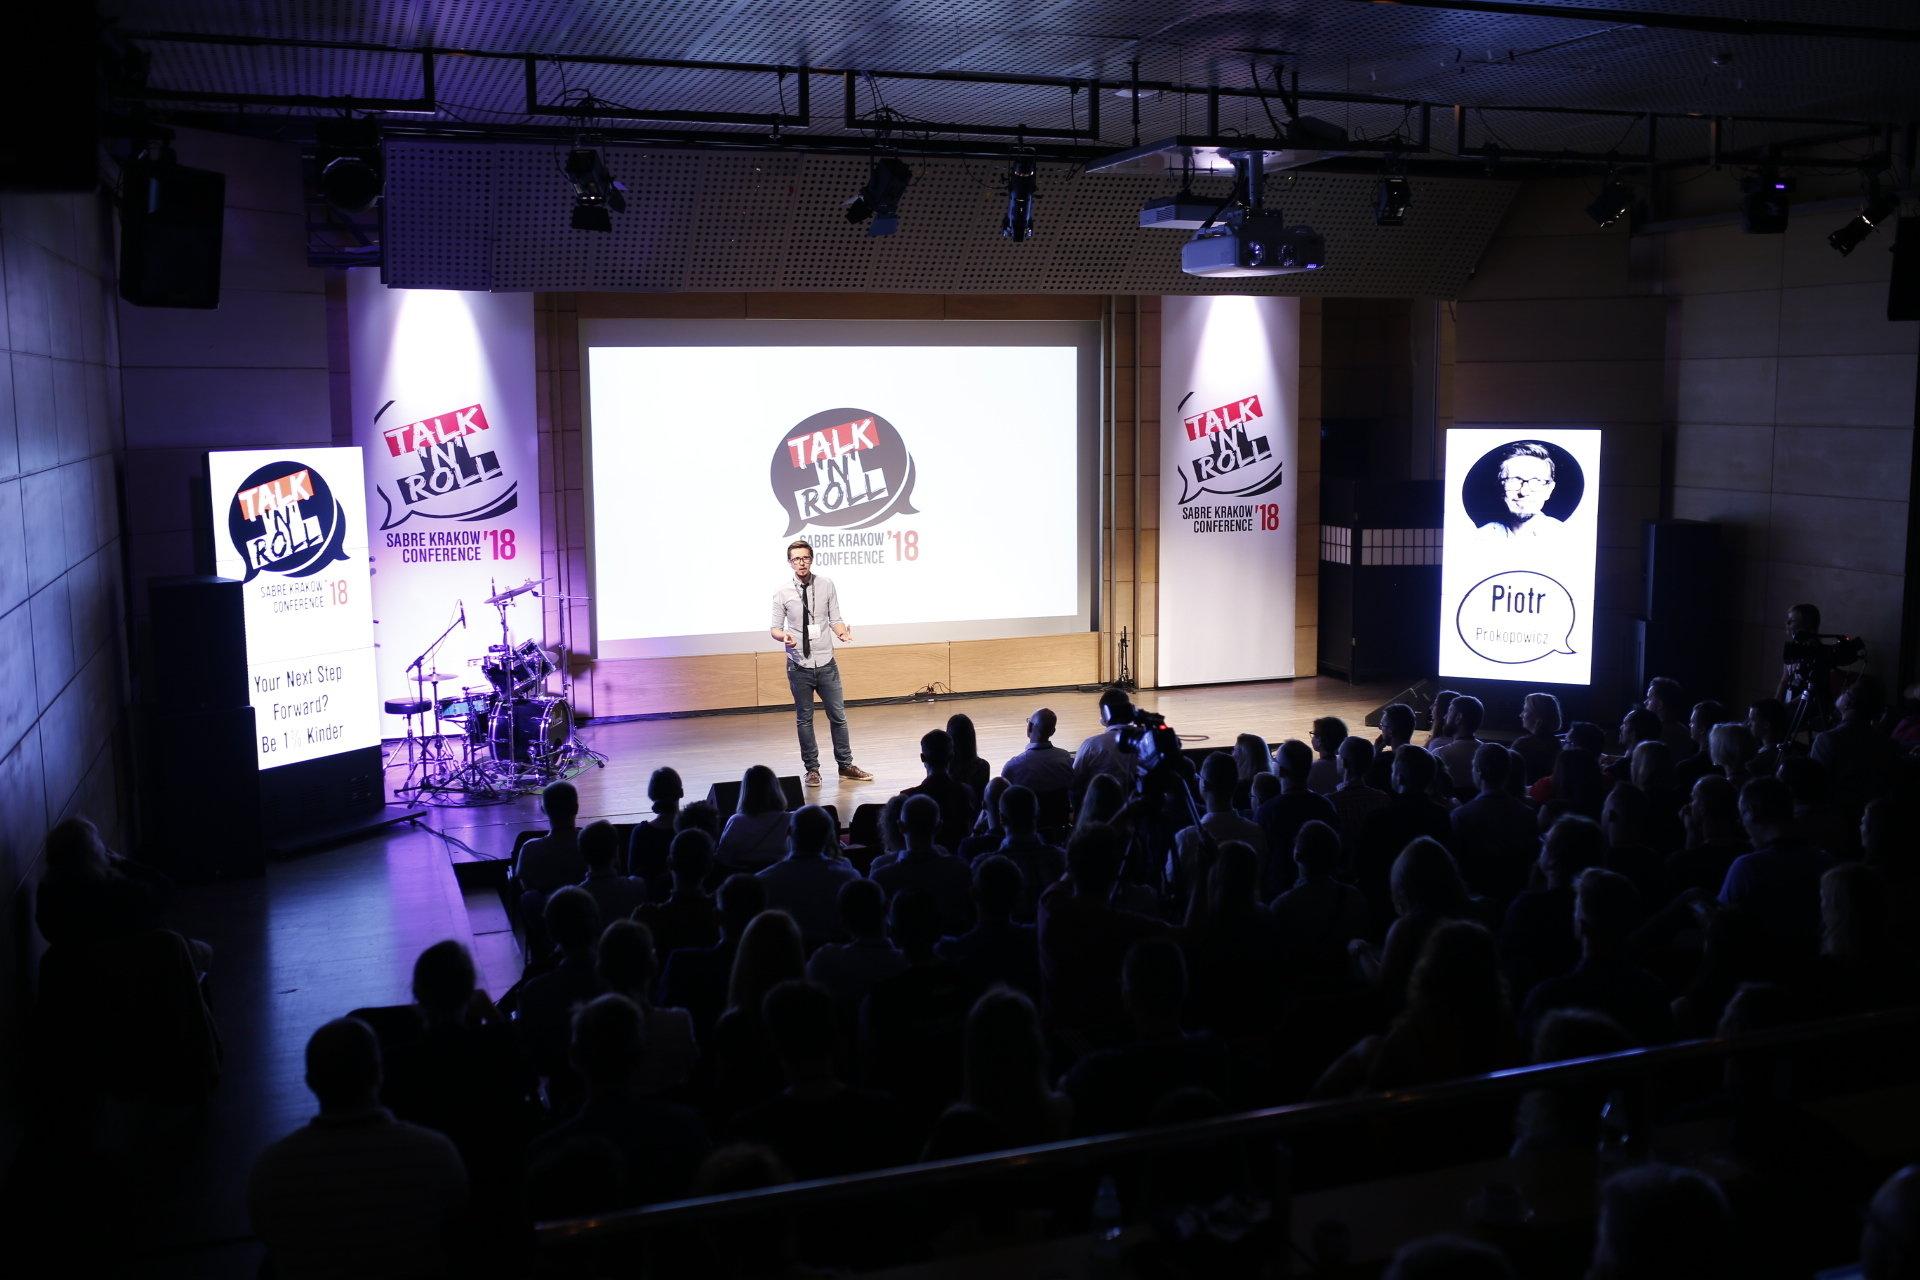 Zobacz co o zmieniającym się świecie mówili Jan Mela, Michał Rusinek i inni prelegenci konferencji Talk'N'Roll